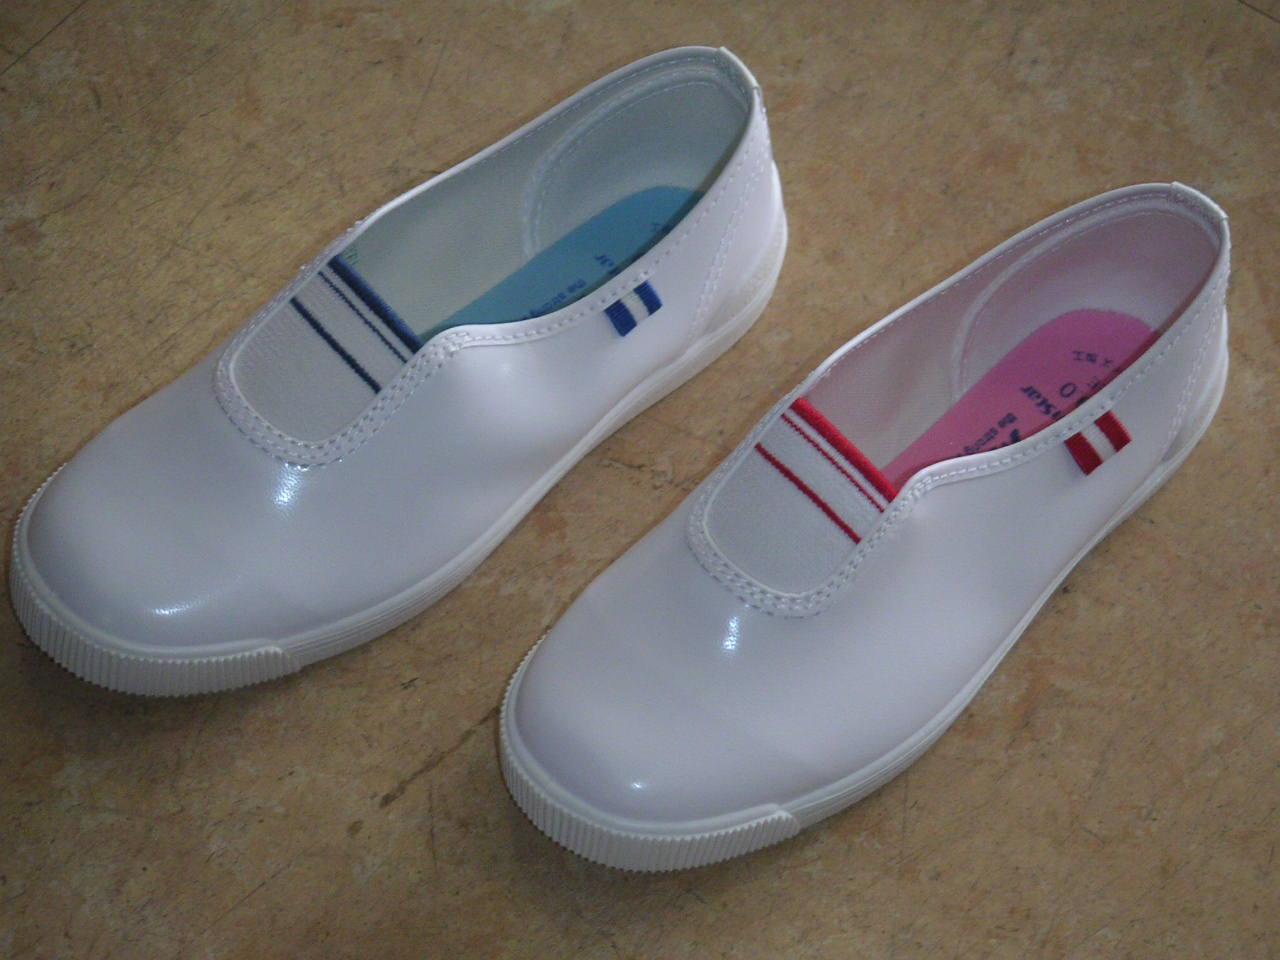 倉敷の小学生(低学年)は今でもこの靴を良く履いています。 全国的に見てもほとんど絶滅しかかっているこのタイプの靴が当店では売れ筋の一つです。